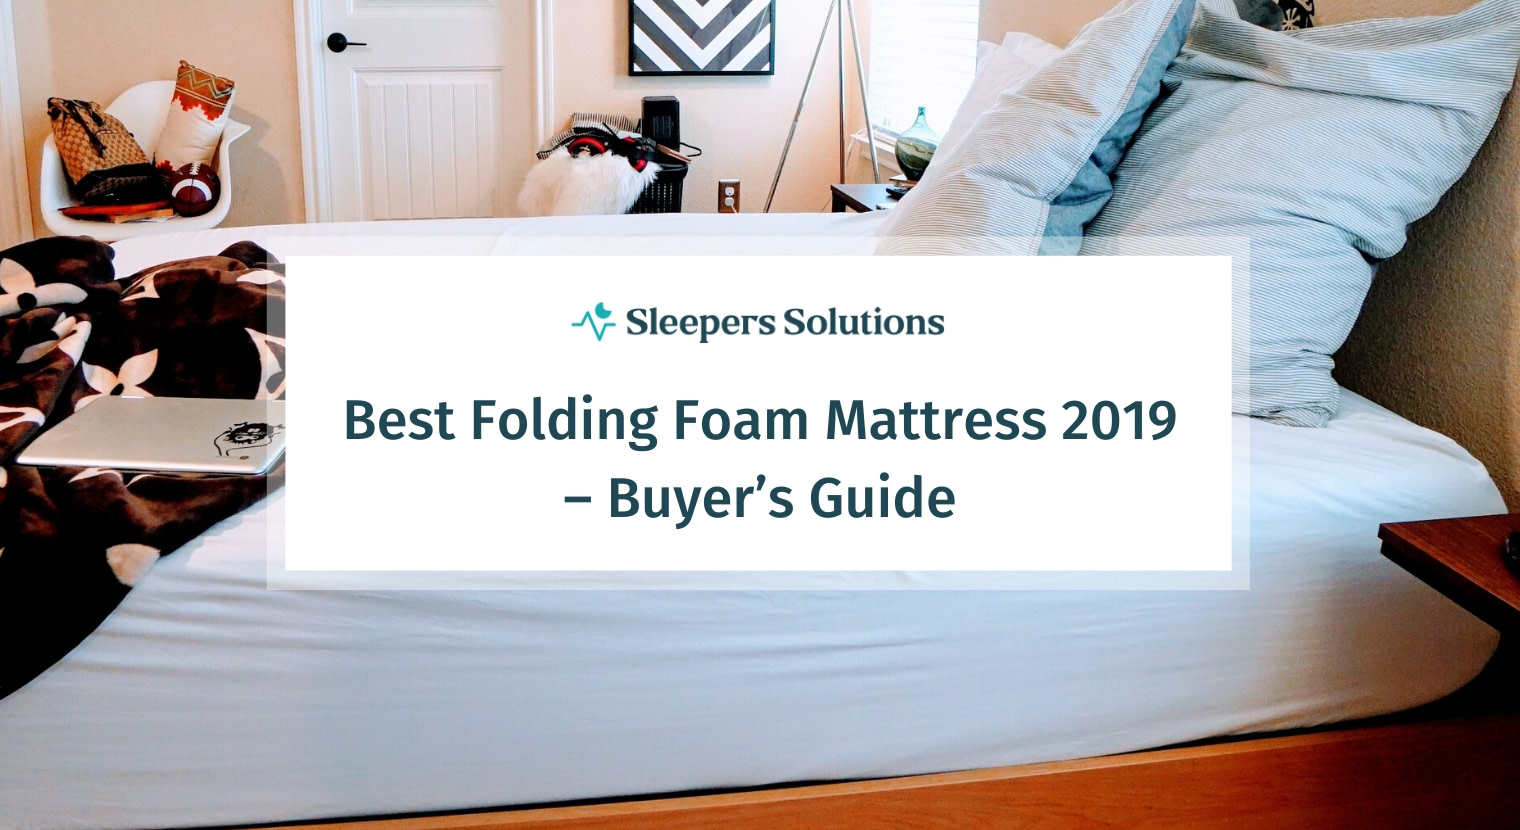 Best Folding Foam Mattress 2019 – Buyer's Guide